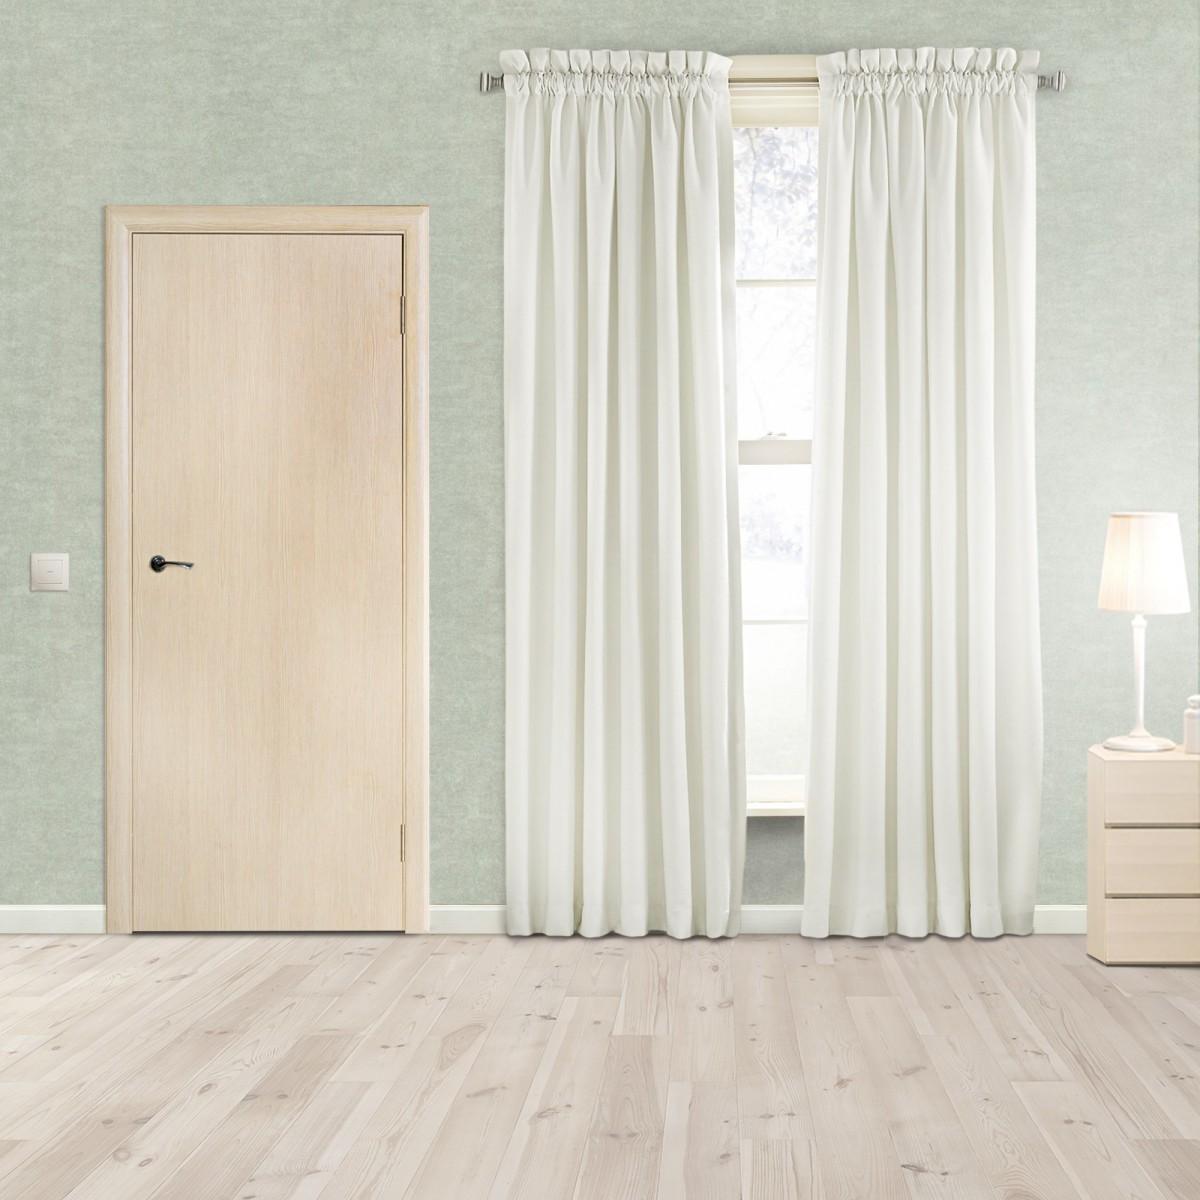 Дверь Межкомнатная Глухая Aura 70x200 Ламинация Цвет Ясень 3d